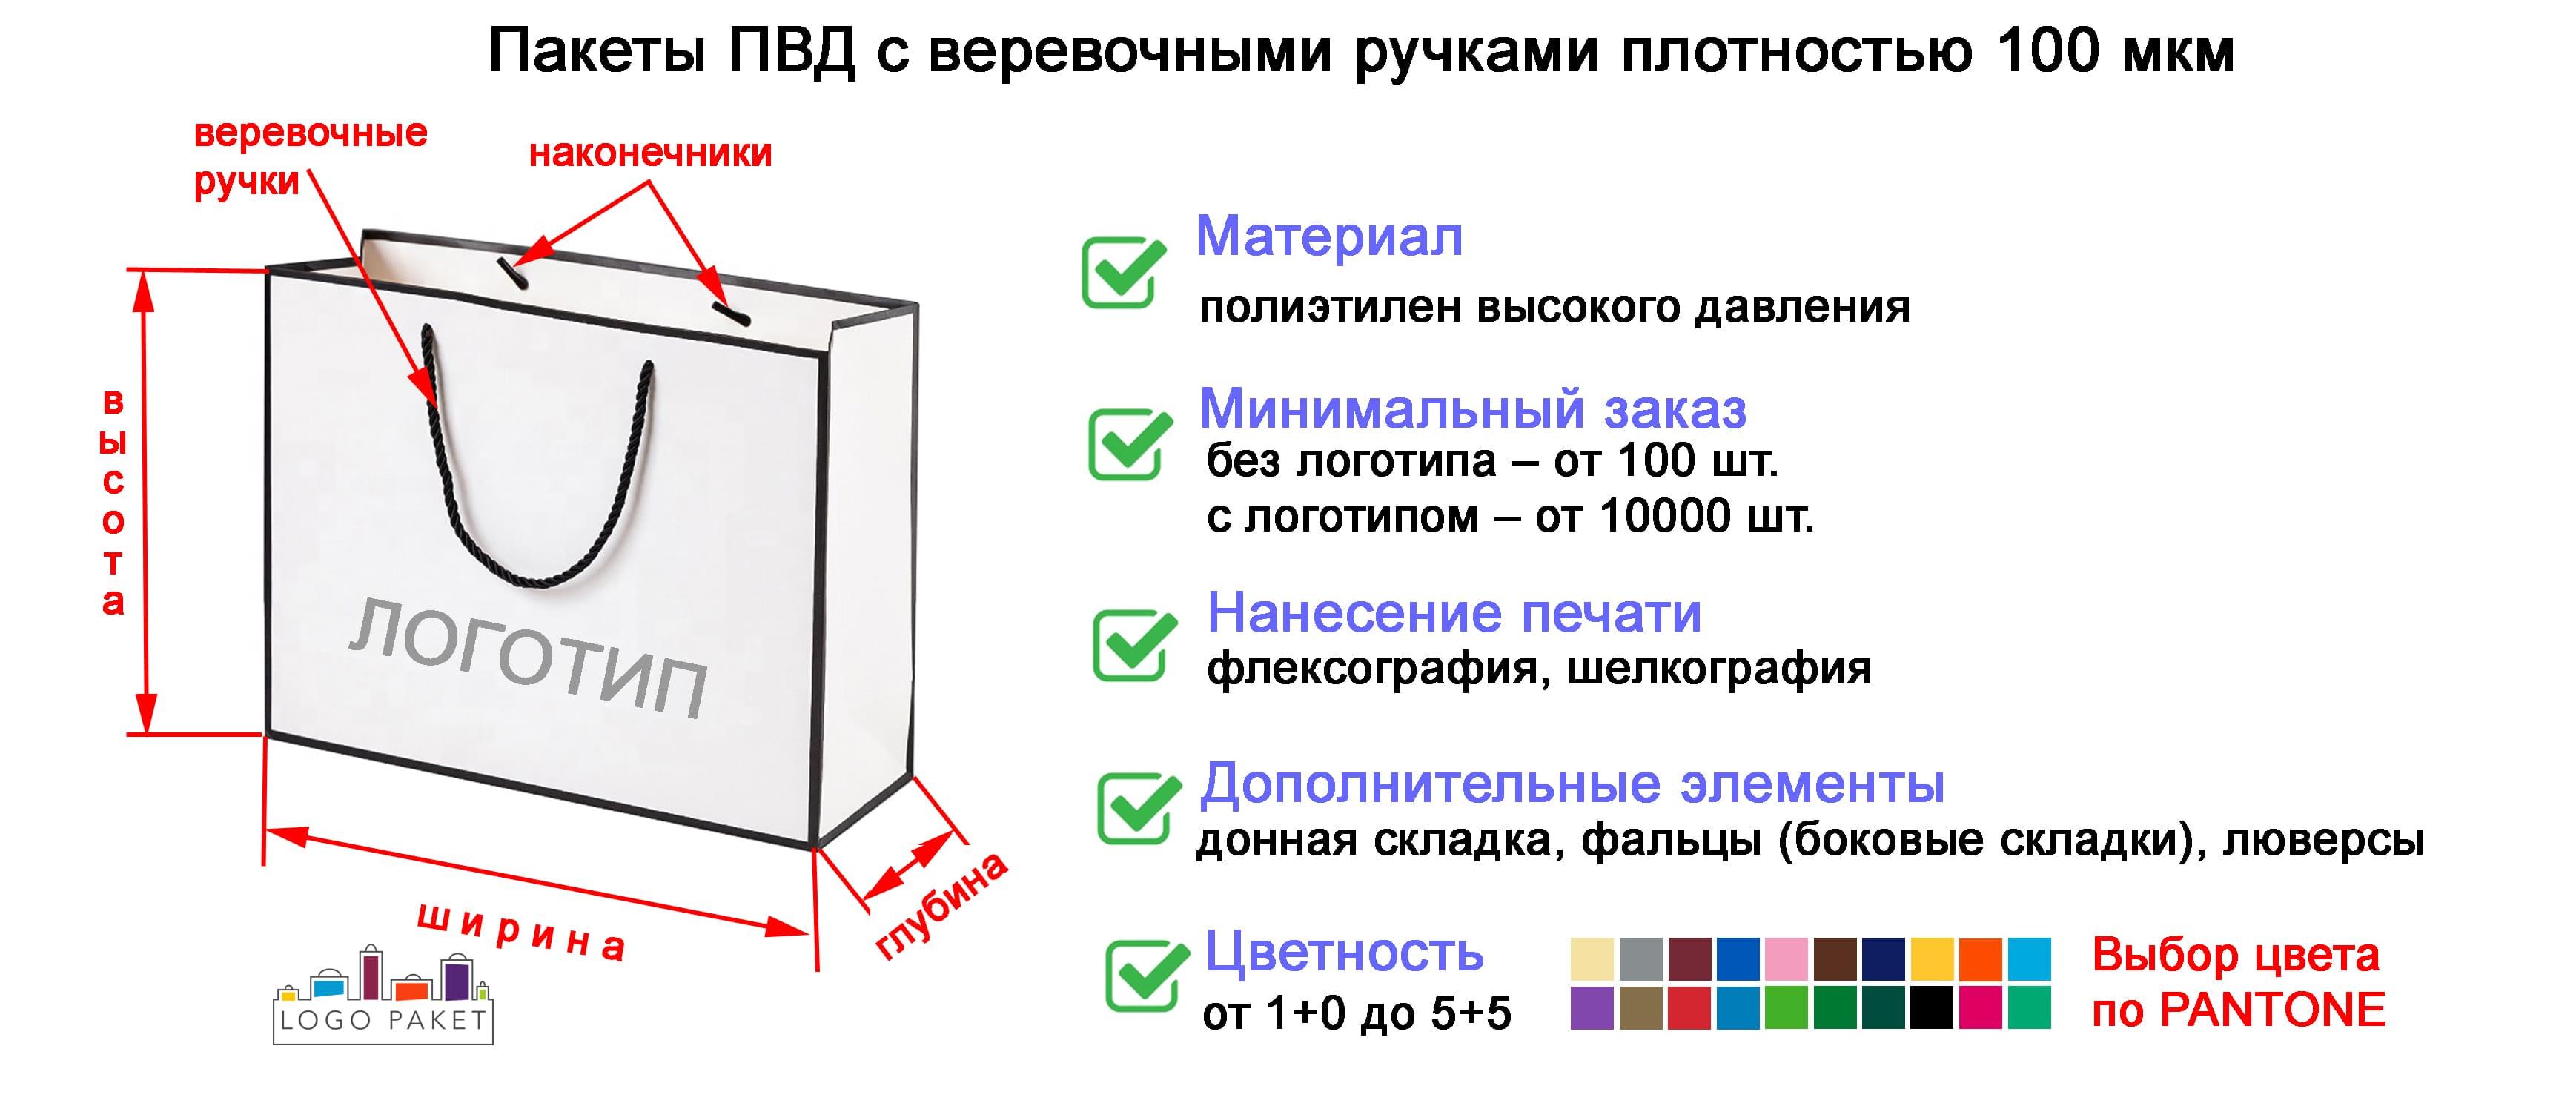 Пакеты ПВД с веревочными ручками инфографика